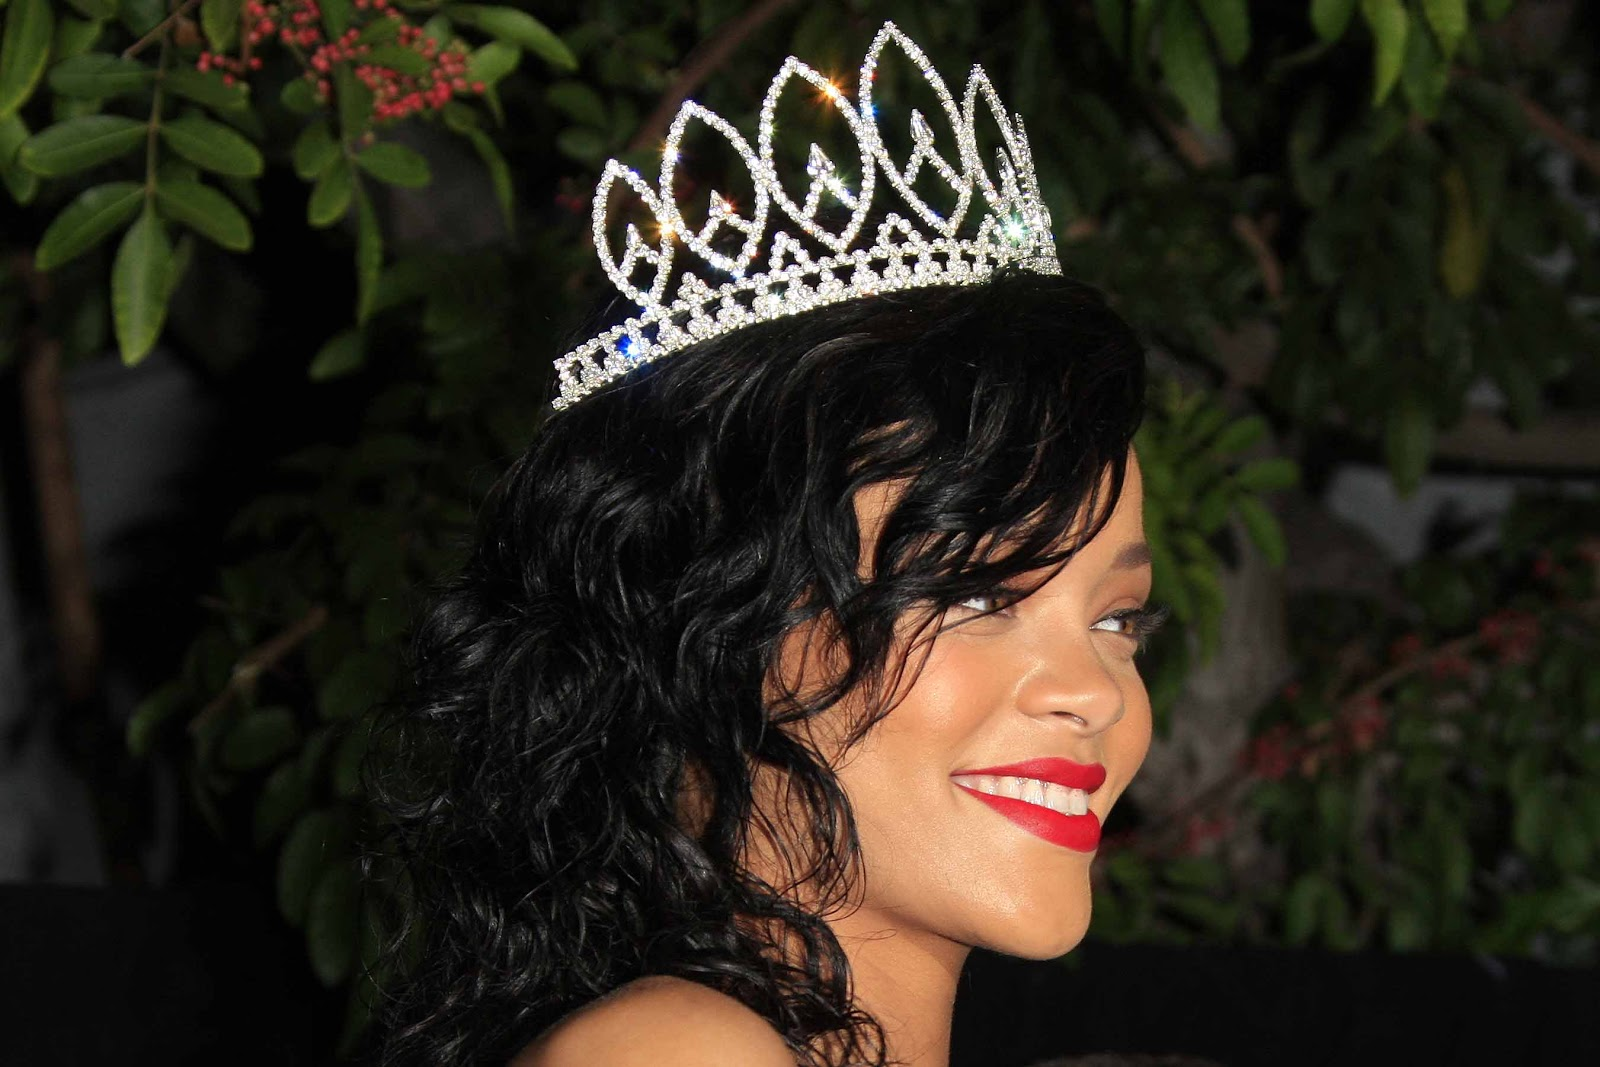 http://4.bp.blogspot.com/-0sI7ZwfiEWU/UJMlDih0oQI/AAAAAAACmVM/V94-zqKZtAA/s1600/Rihanna+Halloween+queen.jpg